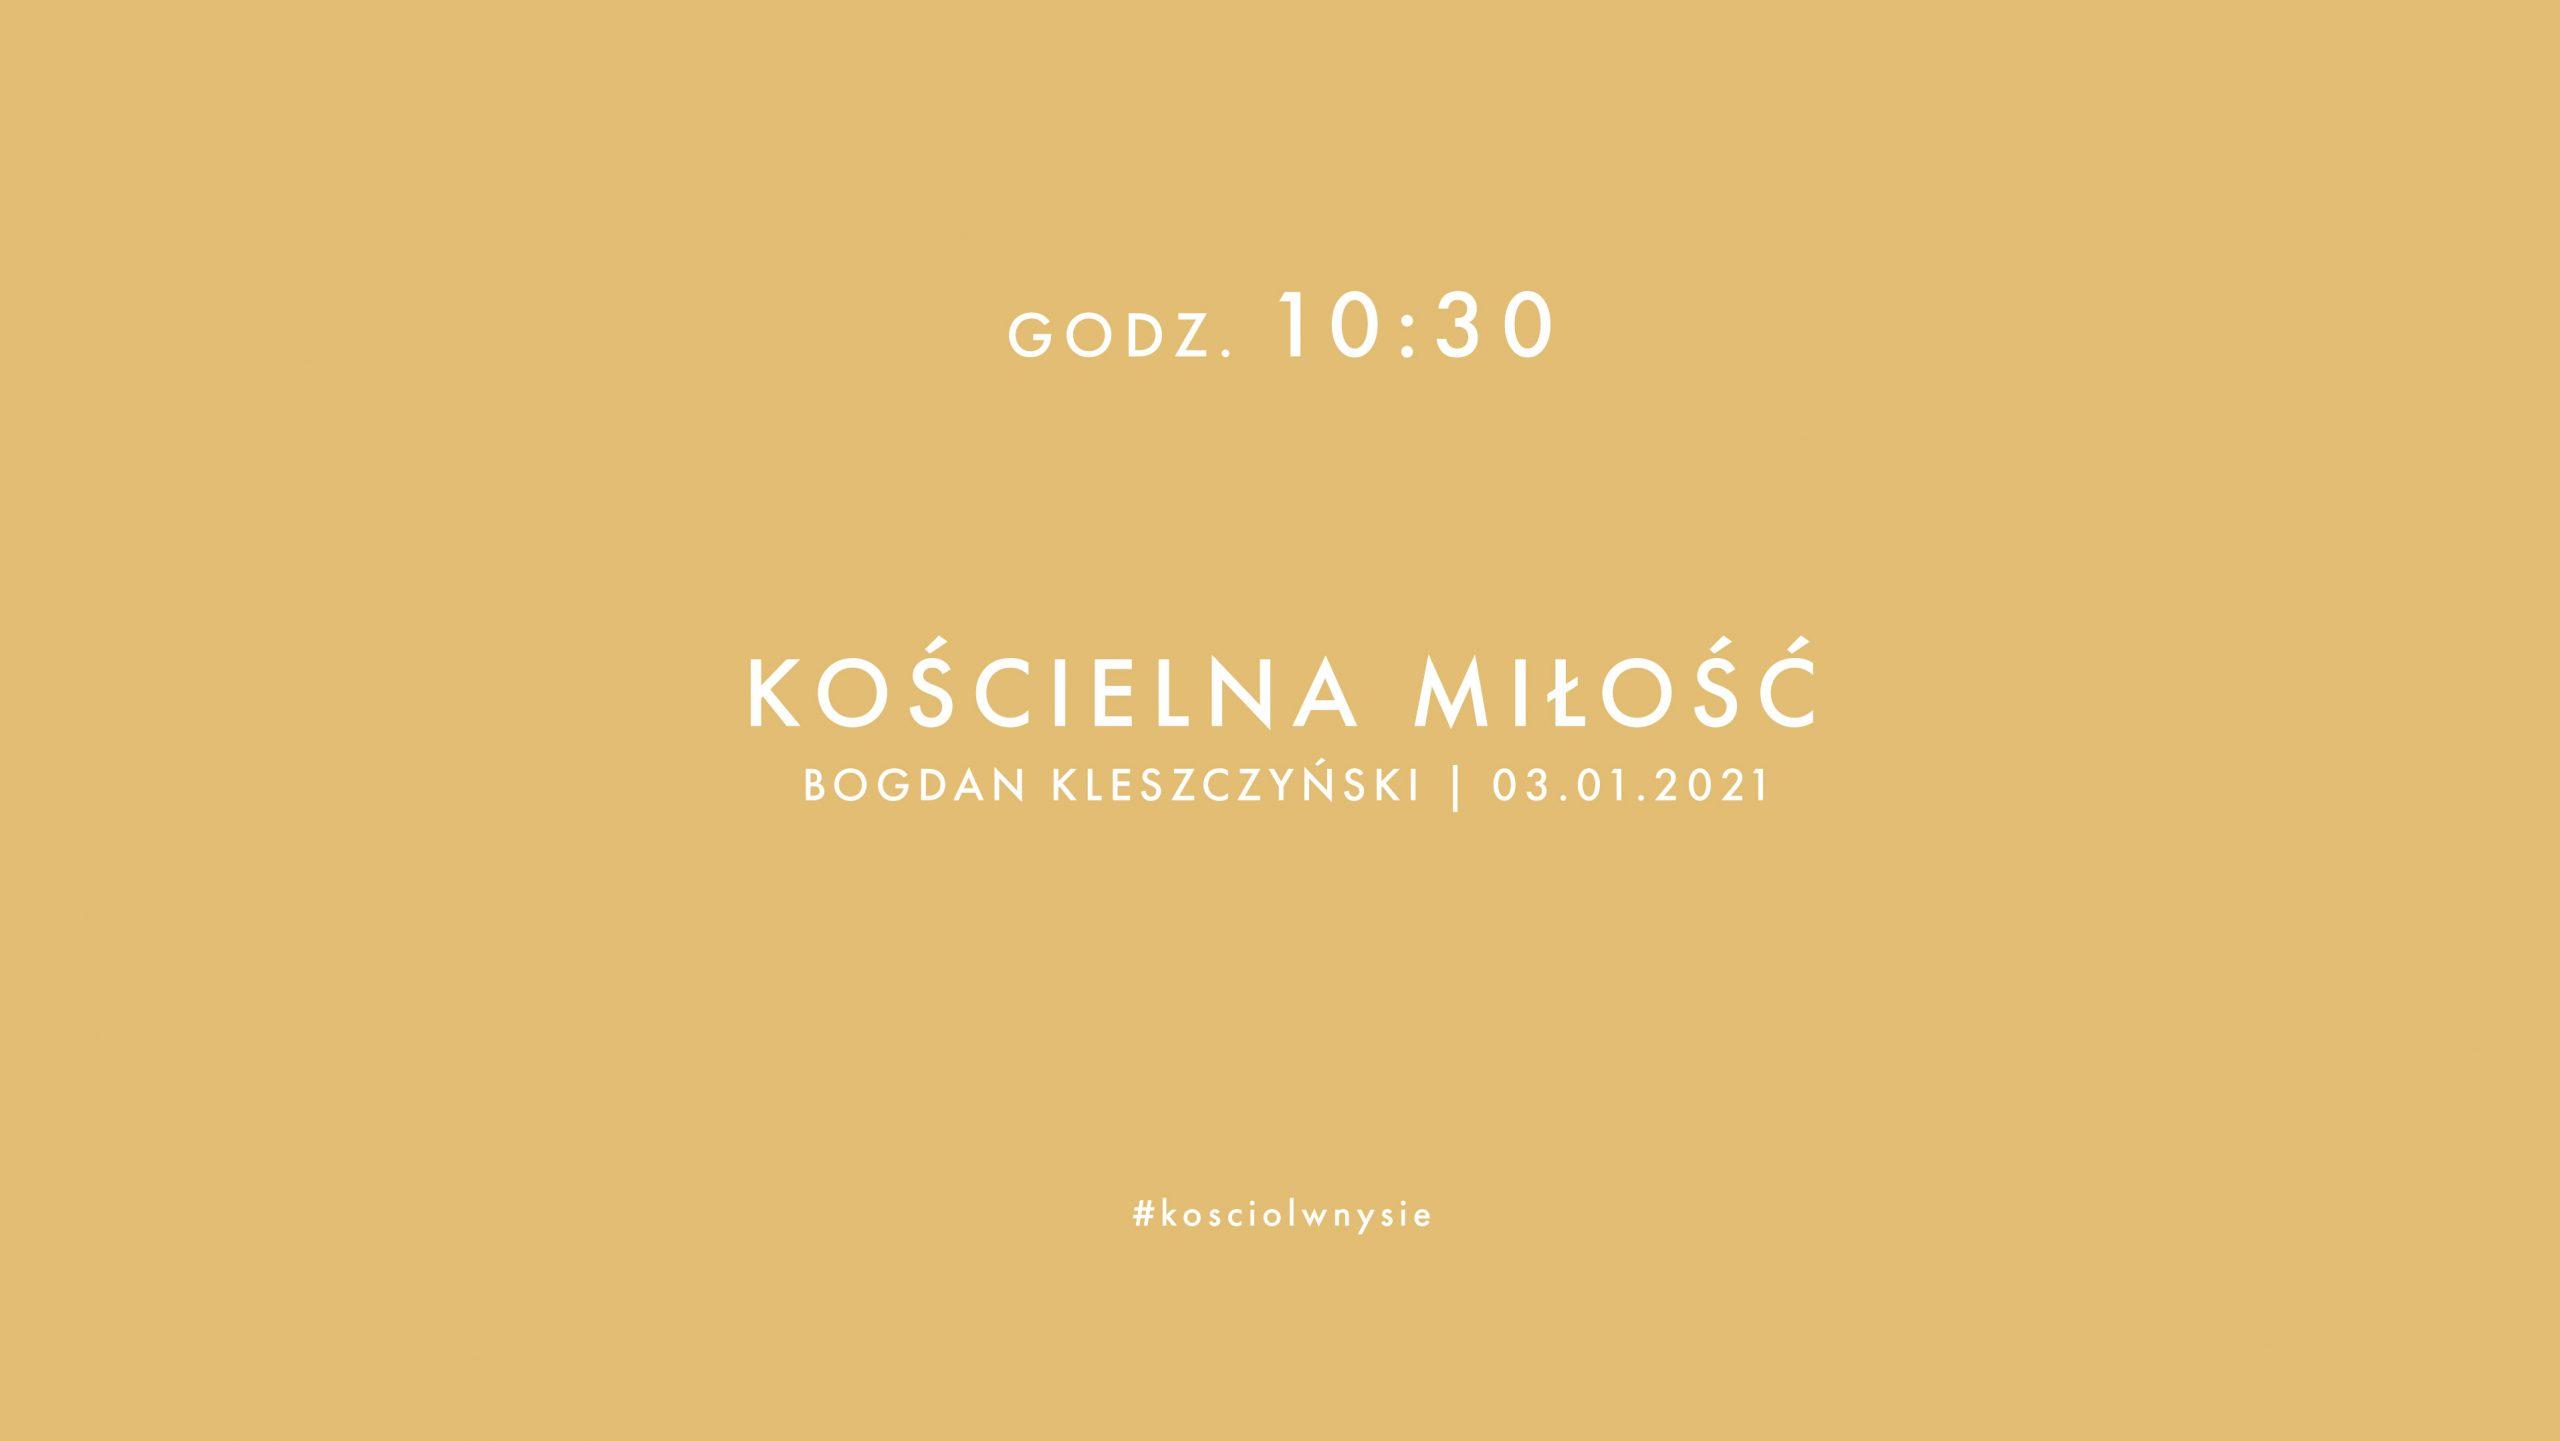 Kościelna miłość - Bogdan Kleszczyński